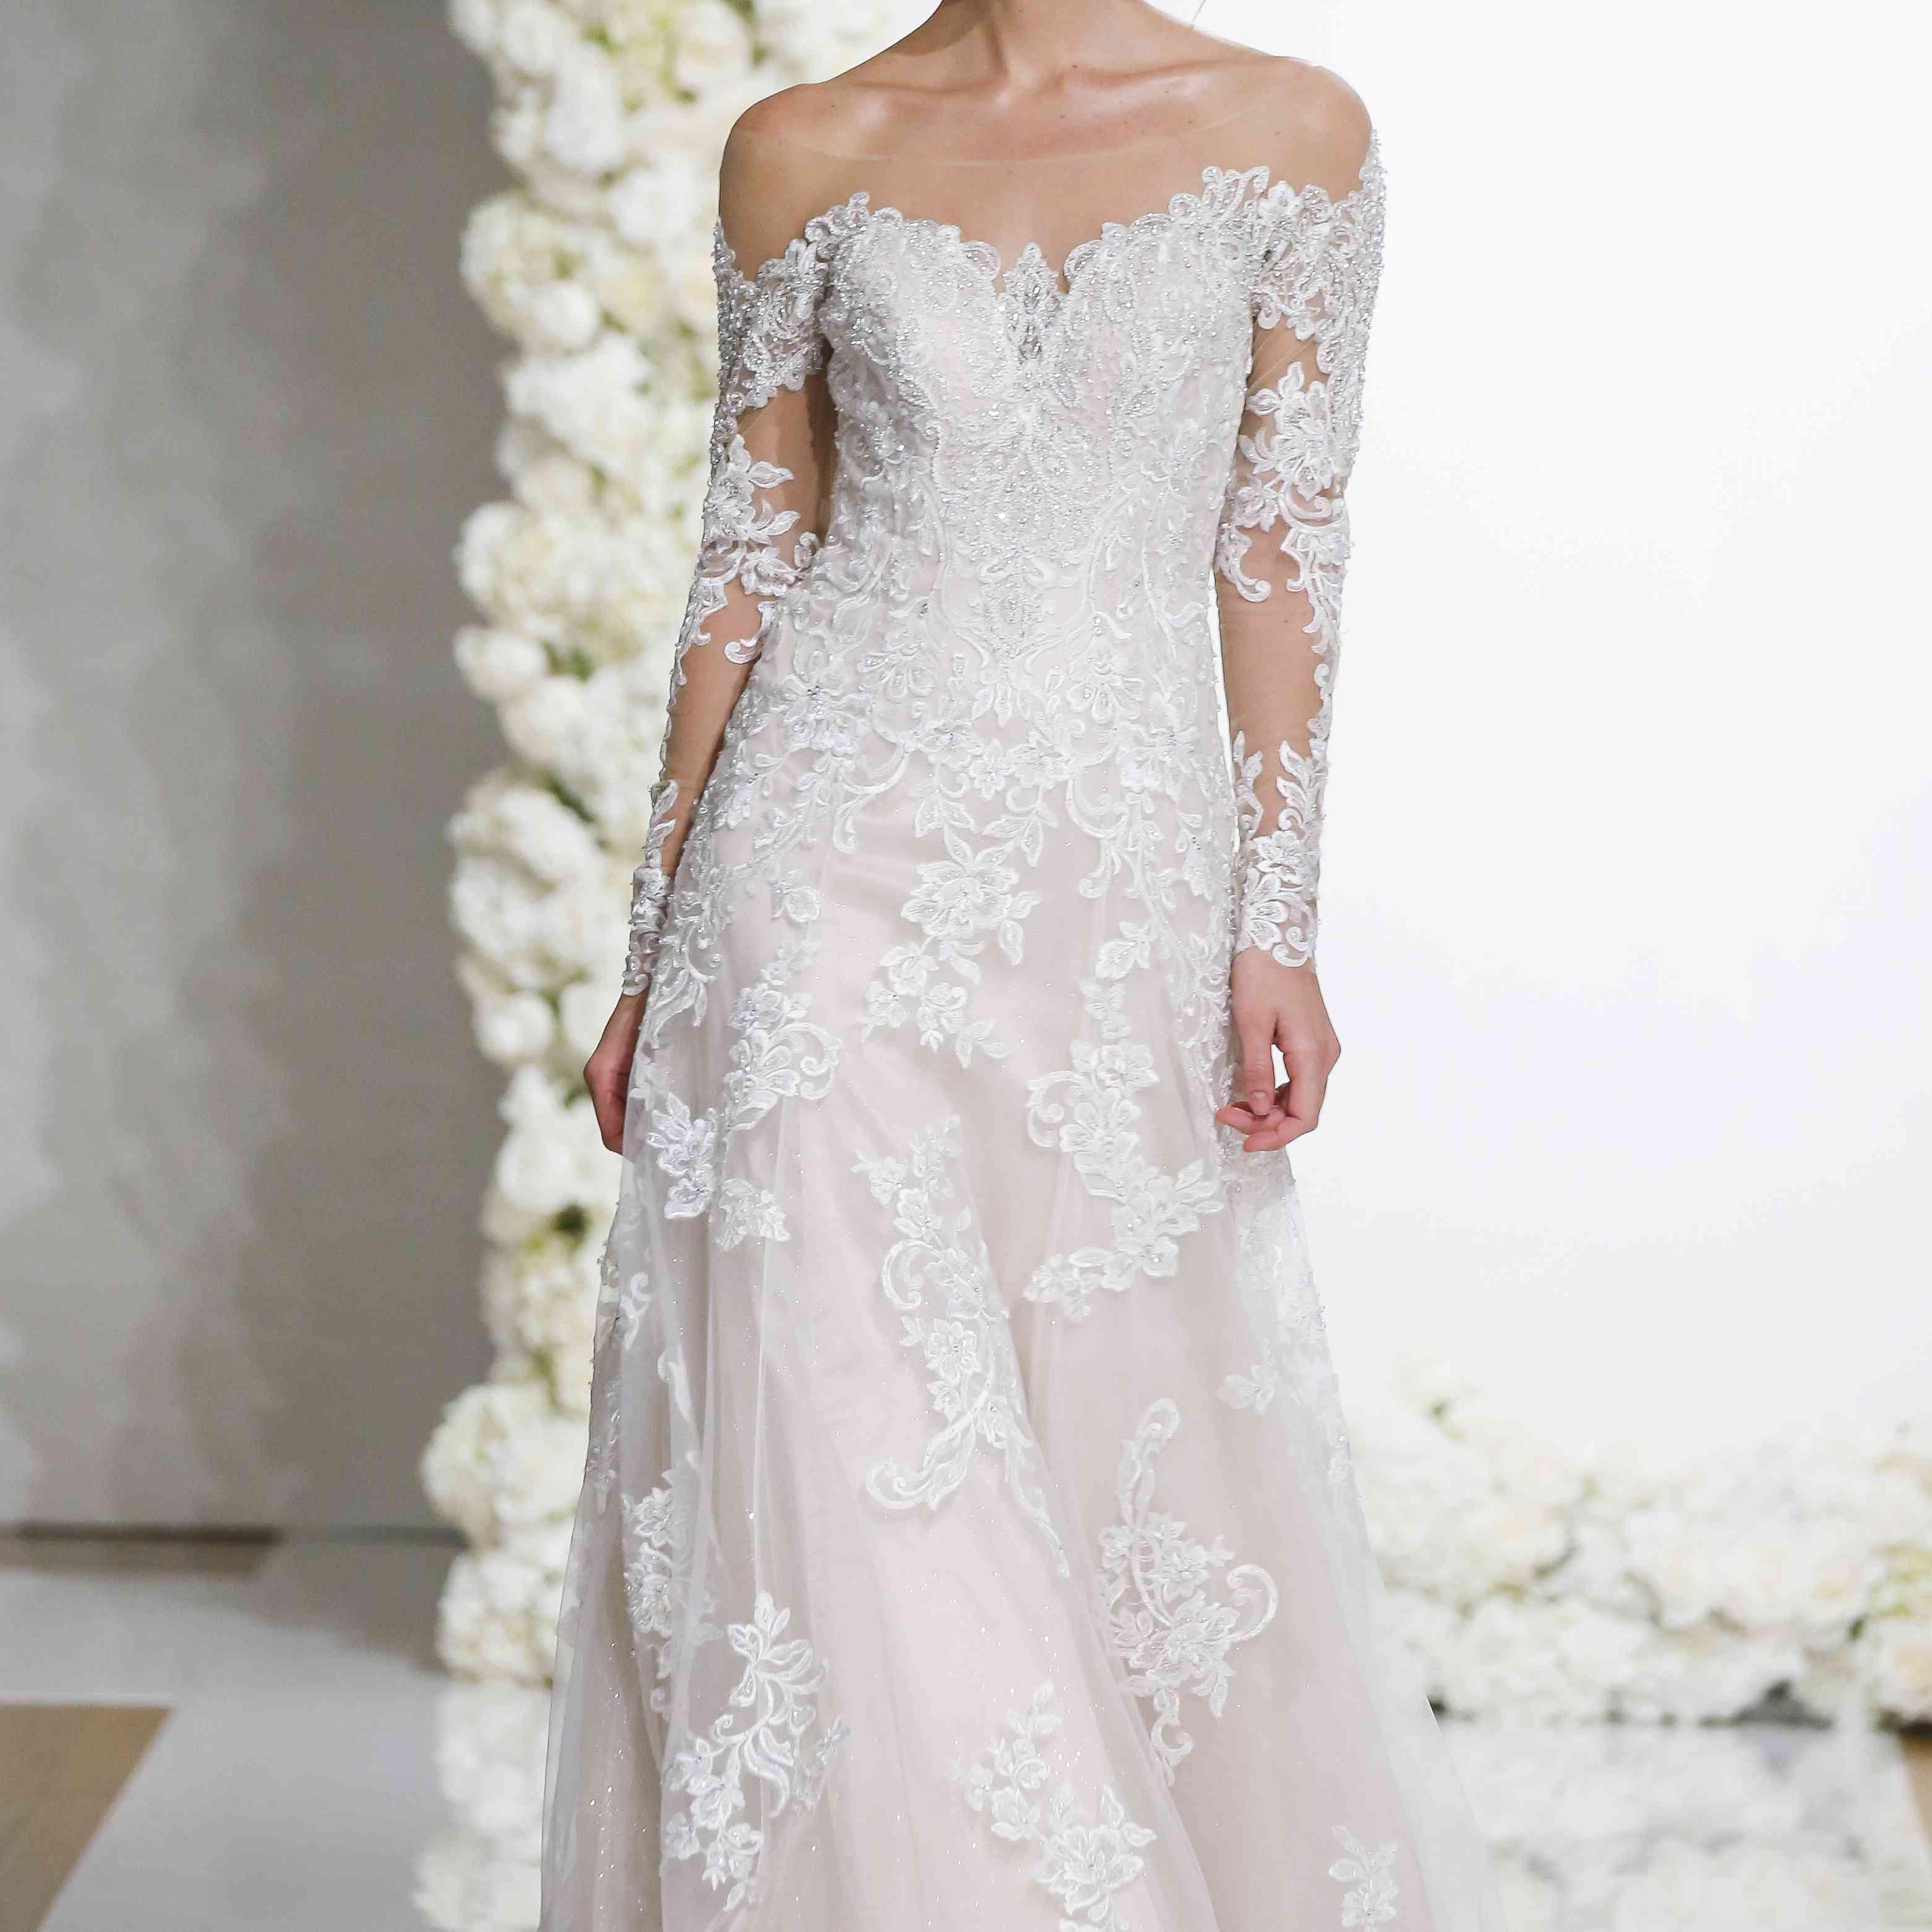 Madeline Gardner Wedding Gowns: Morilee By Madeline Gardner Bridal Spring 2019